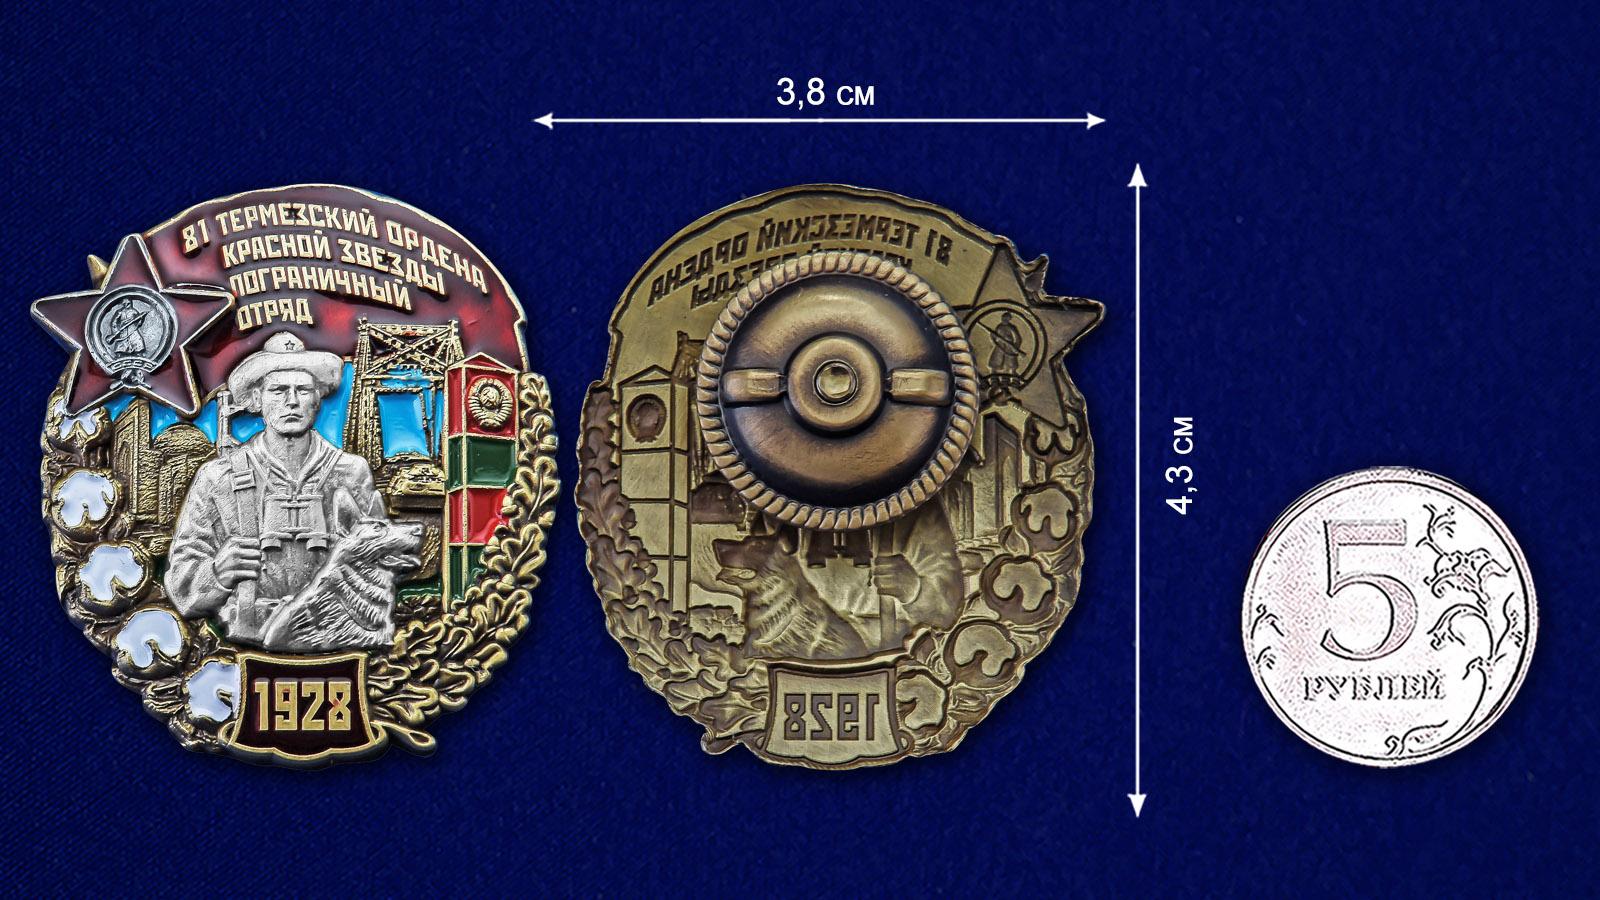 Нагрудный знак 81 Термезский ордена Красной Звезды пограничный отряд - сравнительный вид